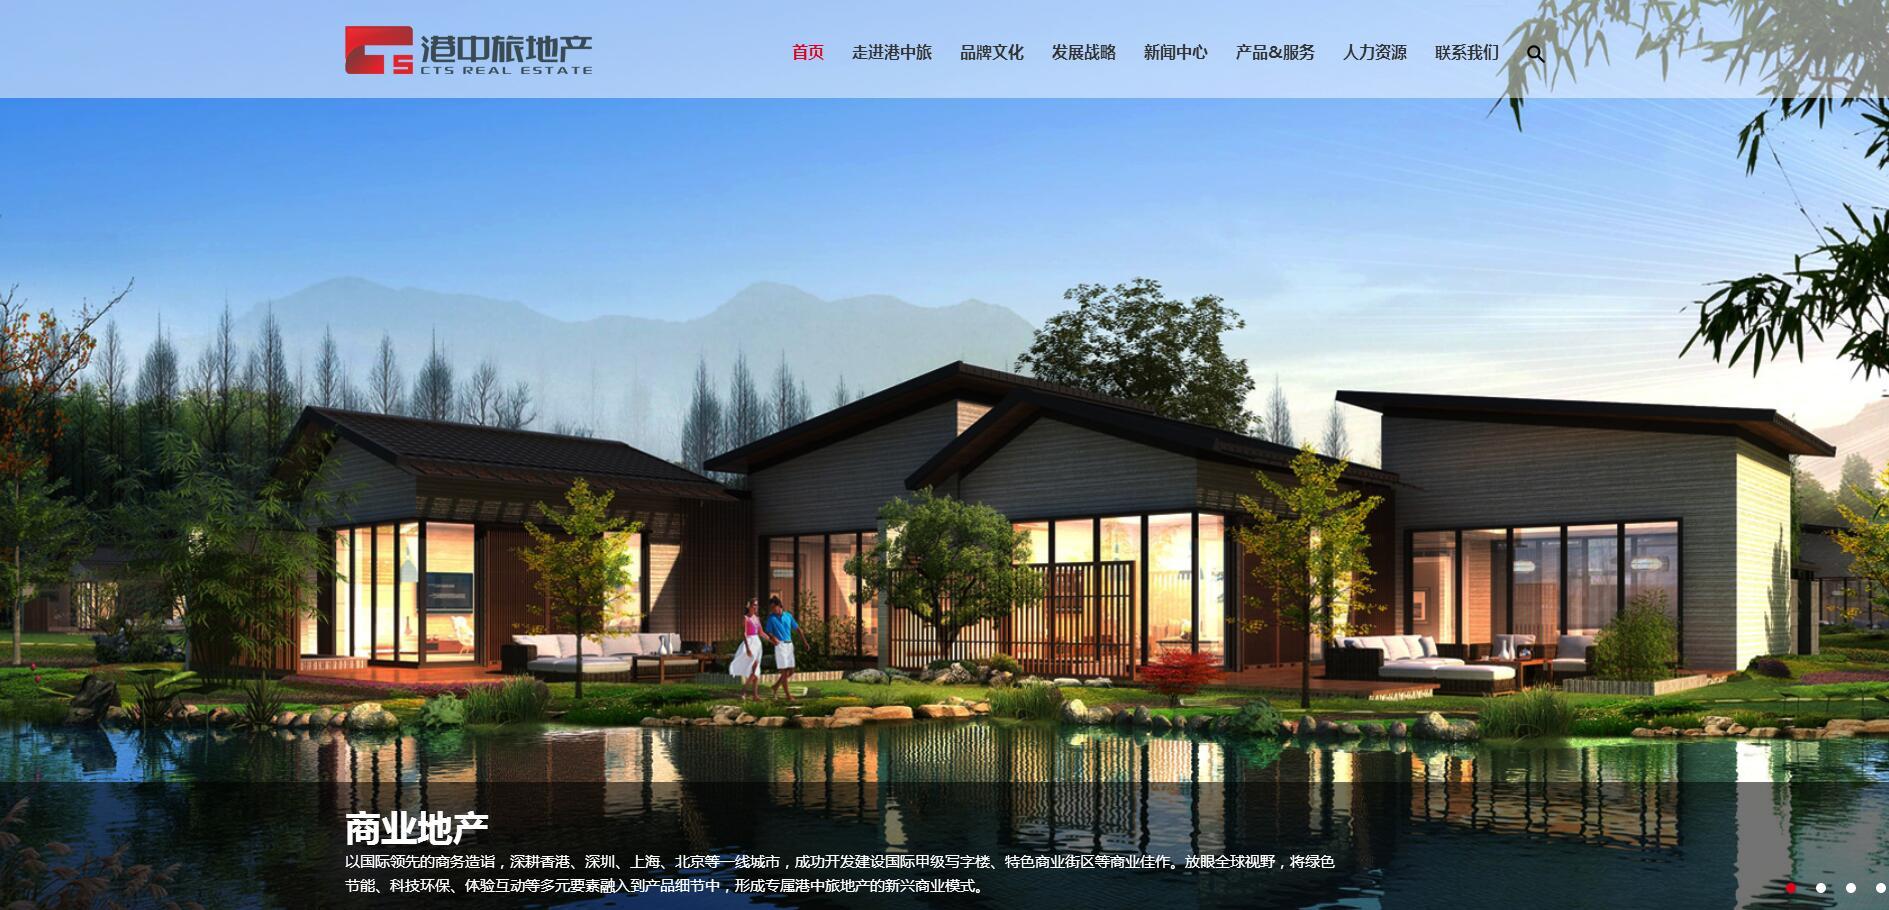 次中心城市,成功开发深圳中旅国际公馆,上海汇丽花园二期,苏州蓝岸